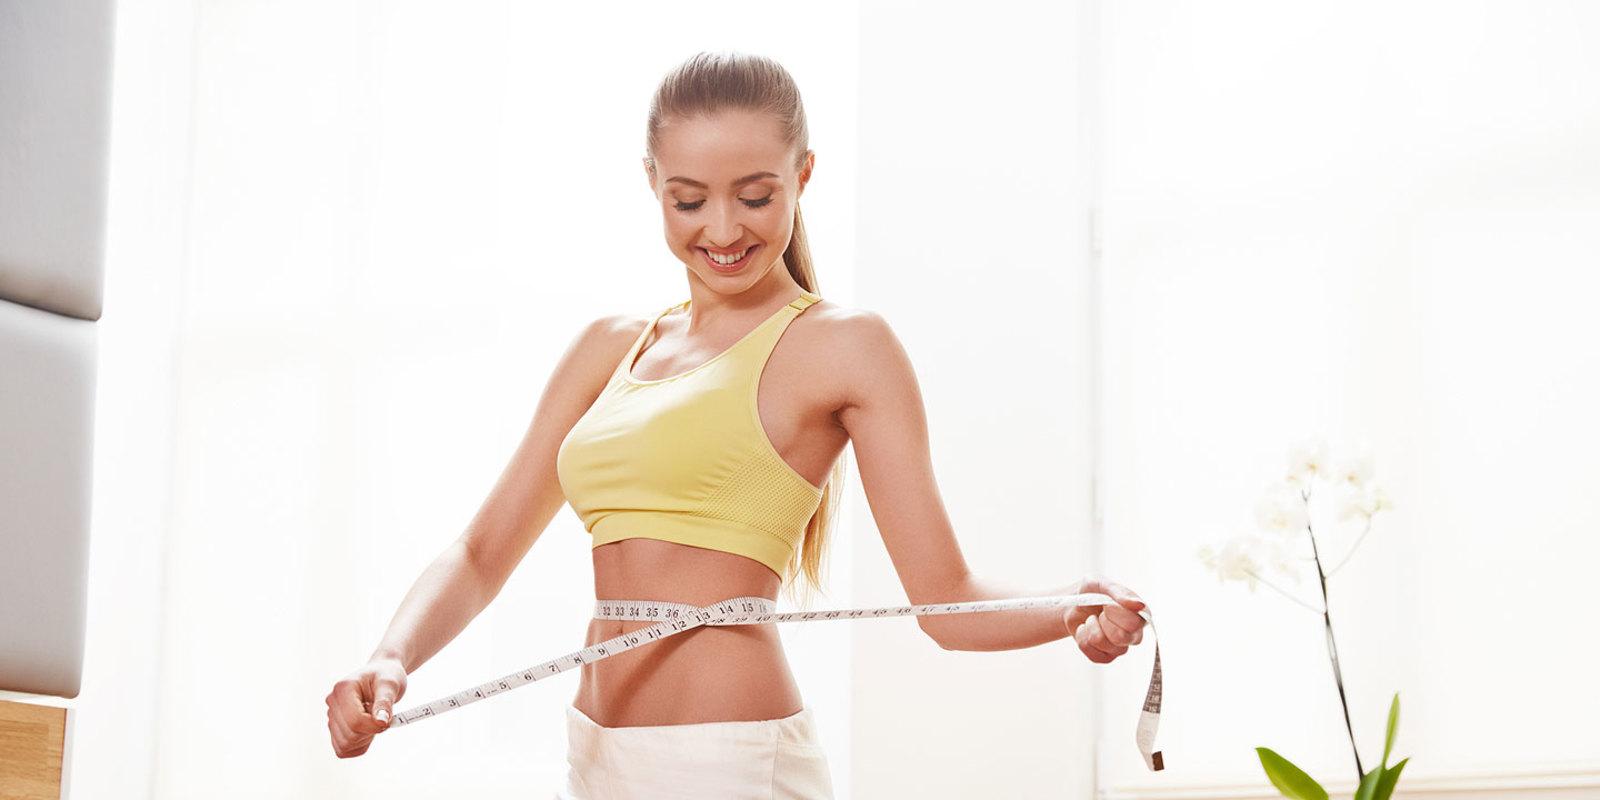 Быстро Сбросить Вес В Зале. Как похудеть в тренажерном зале? Выбор тренажеров и программа занятий